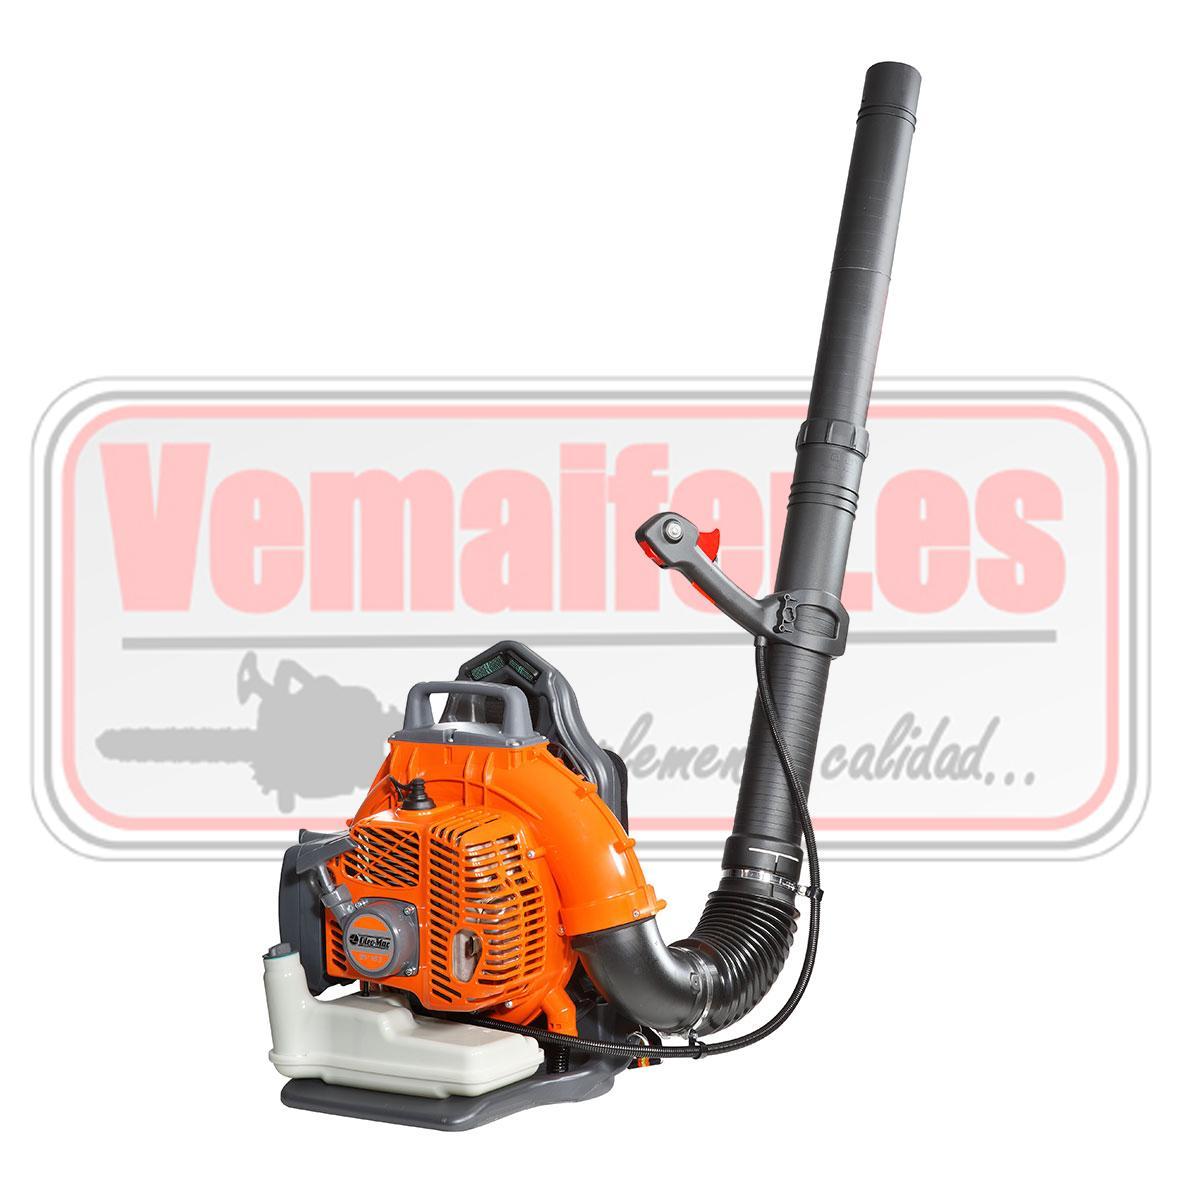 Soplador de mochila profesional Oleo Mac BV 163 comprar Online al mejor precio